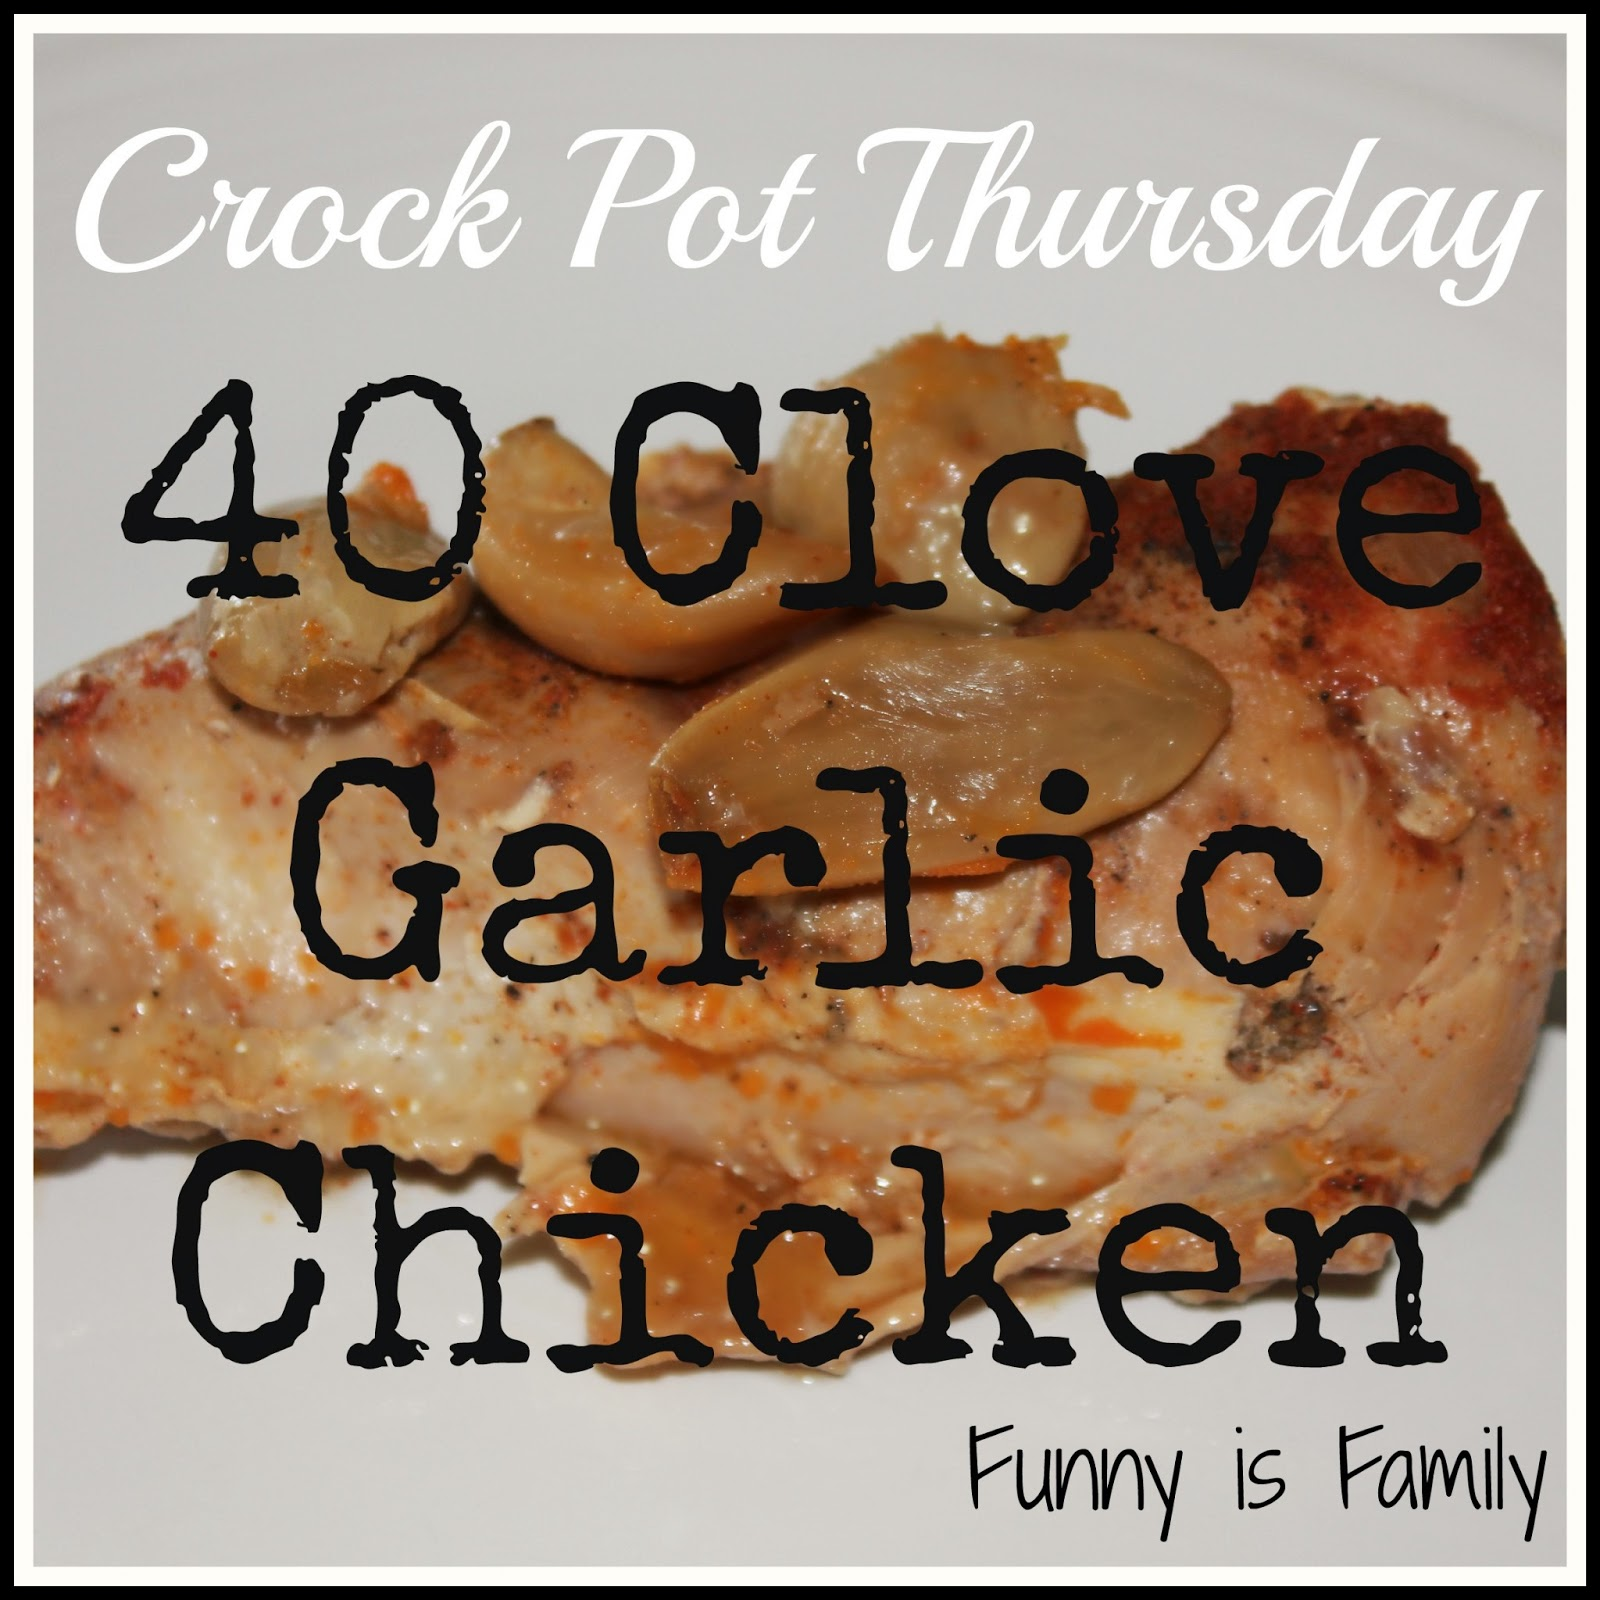 40 Clove Garlic Chicken